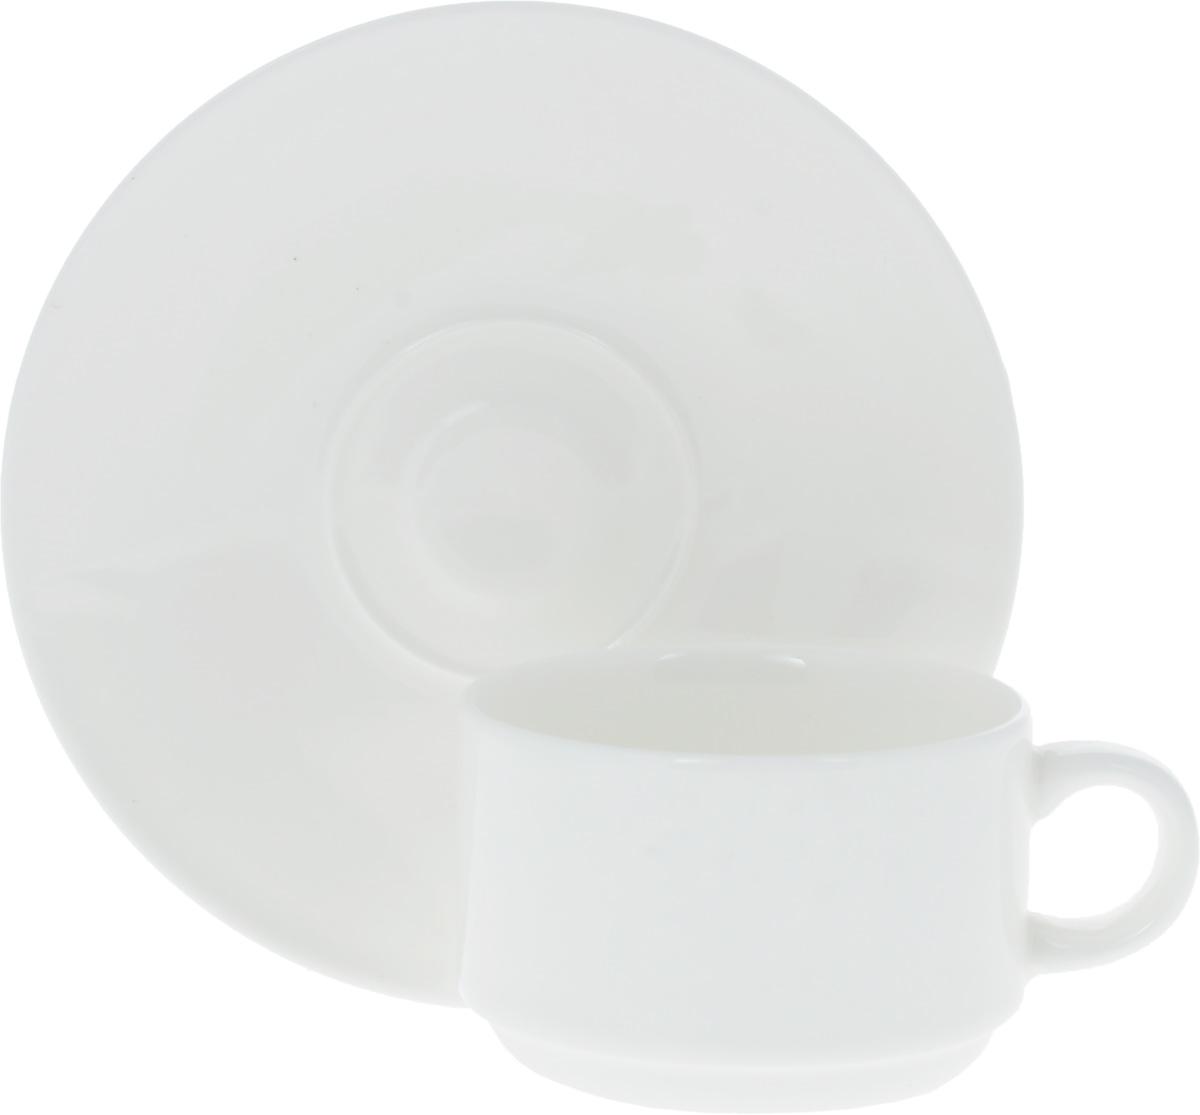 Кофейная пара Wilmax, 2 предмета. WL-993039 / ABWL-993039 / ABКофейная пара Wilmax состоит из чашки и блюдца. Изделия выполнены из высококачественного фарфора, покрытого слоем глазури. Изделия имеют лаконичный дизайн, просты и функциональны в использовании. Кофейная пара Wilmax украсит ваш кухонный стол, а также станет замечательным подарком к любому празднику. Изделия можно мыть в посудомоечной машине и ставить в микроволновую печь. Объем чашки: 140 мл. Диаметр чашки (по верхнему краю): 7 см. Высота чашки: 5 см. Диаметр блюдца: 13 см.